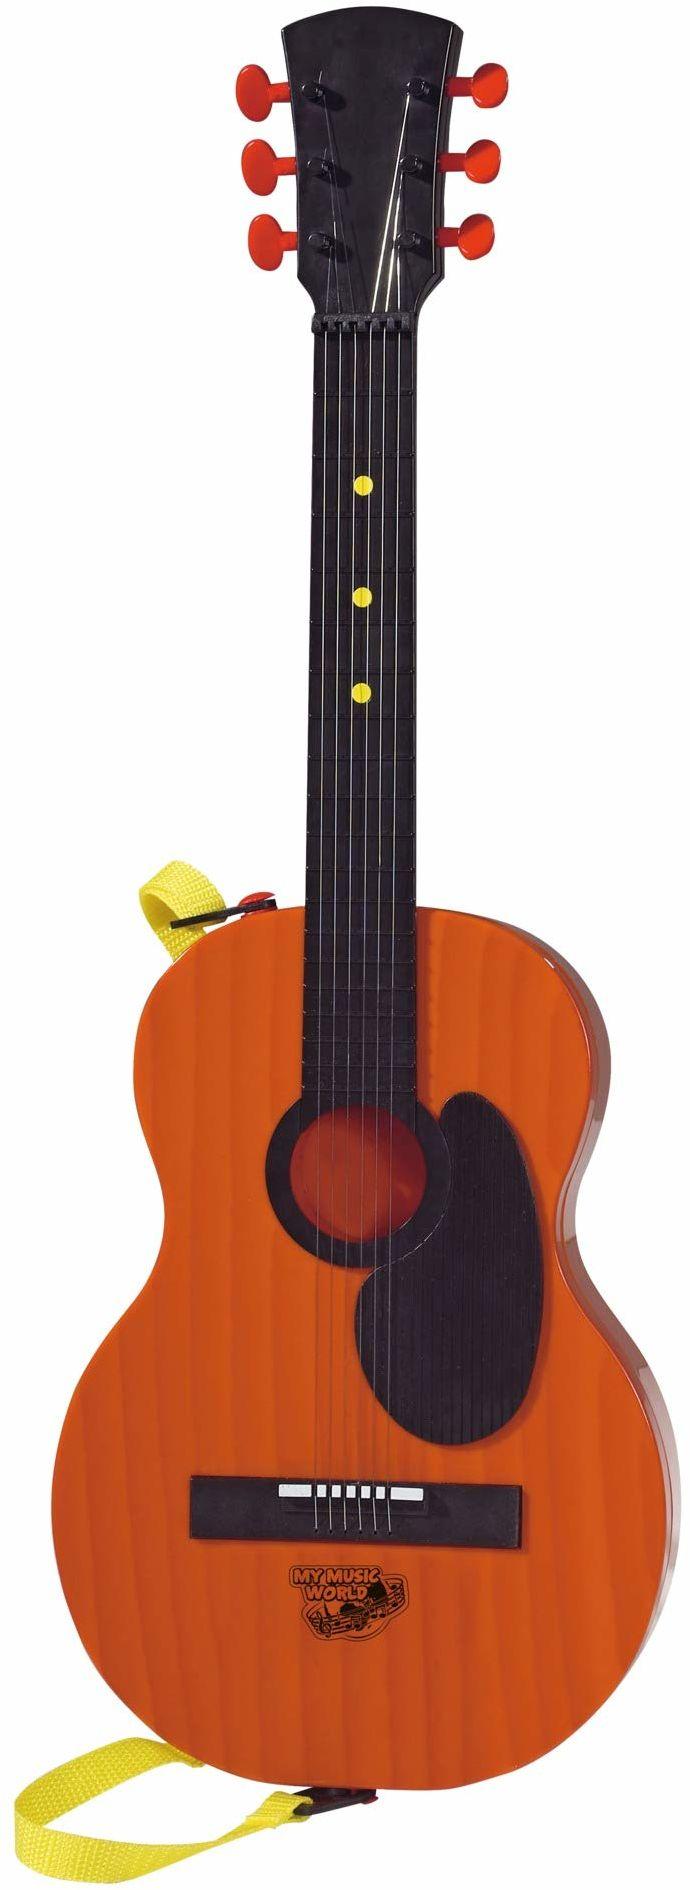 Simba 106831420 - My Music World Country gitara 54 cm